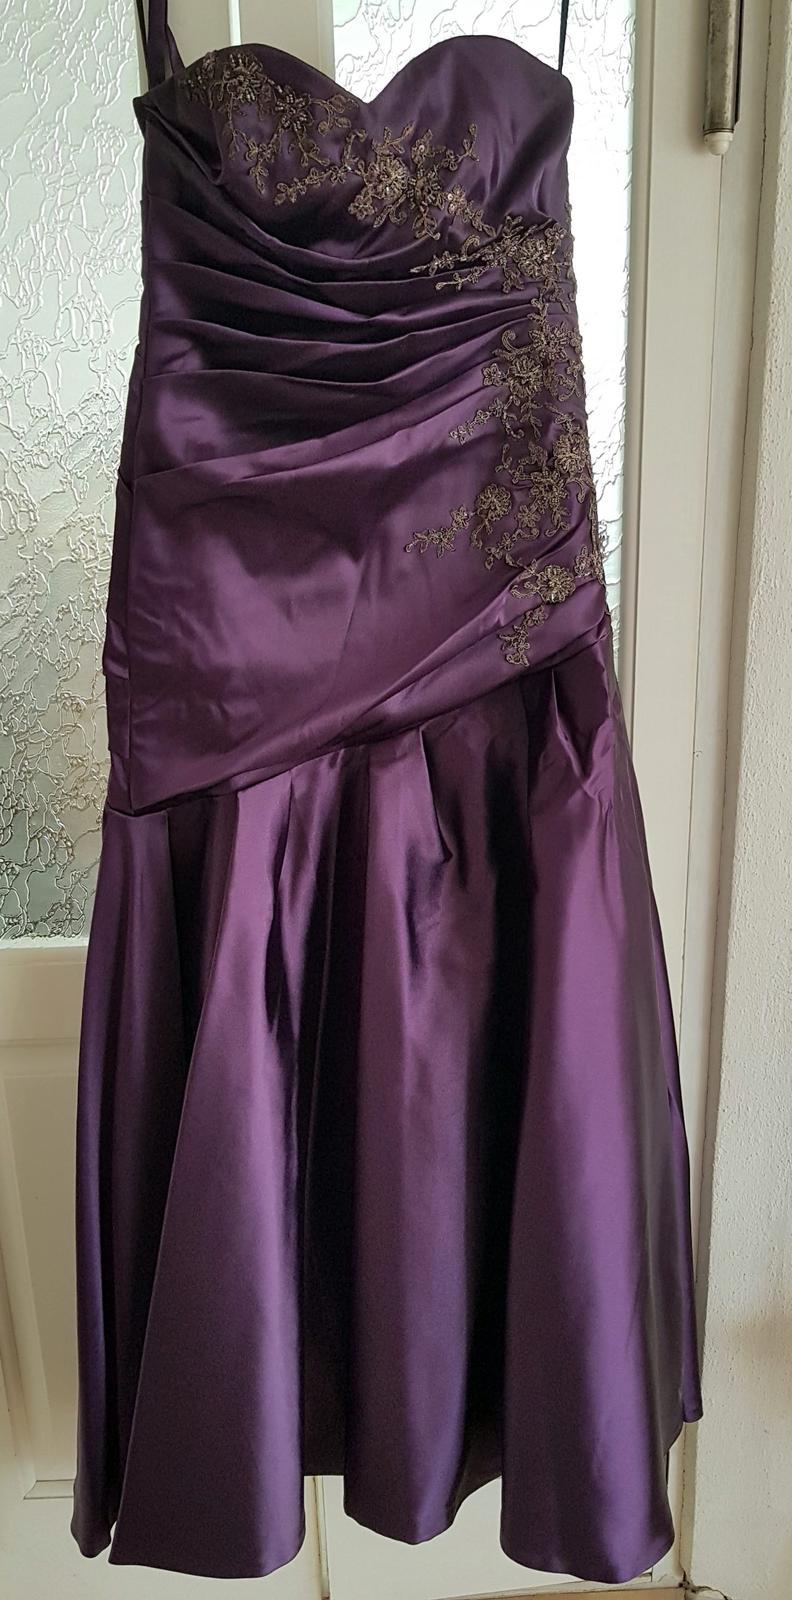 Spoločenké šaty 38-40 - Obrázok č. 4